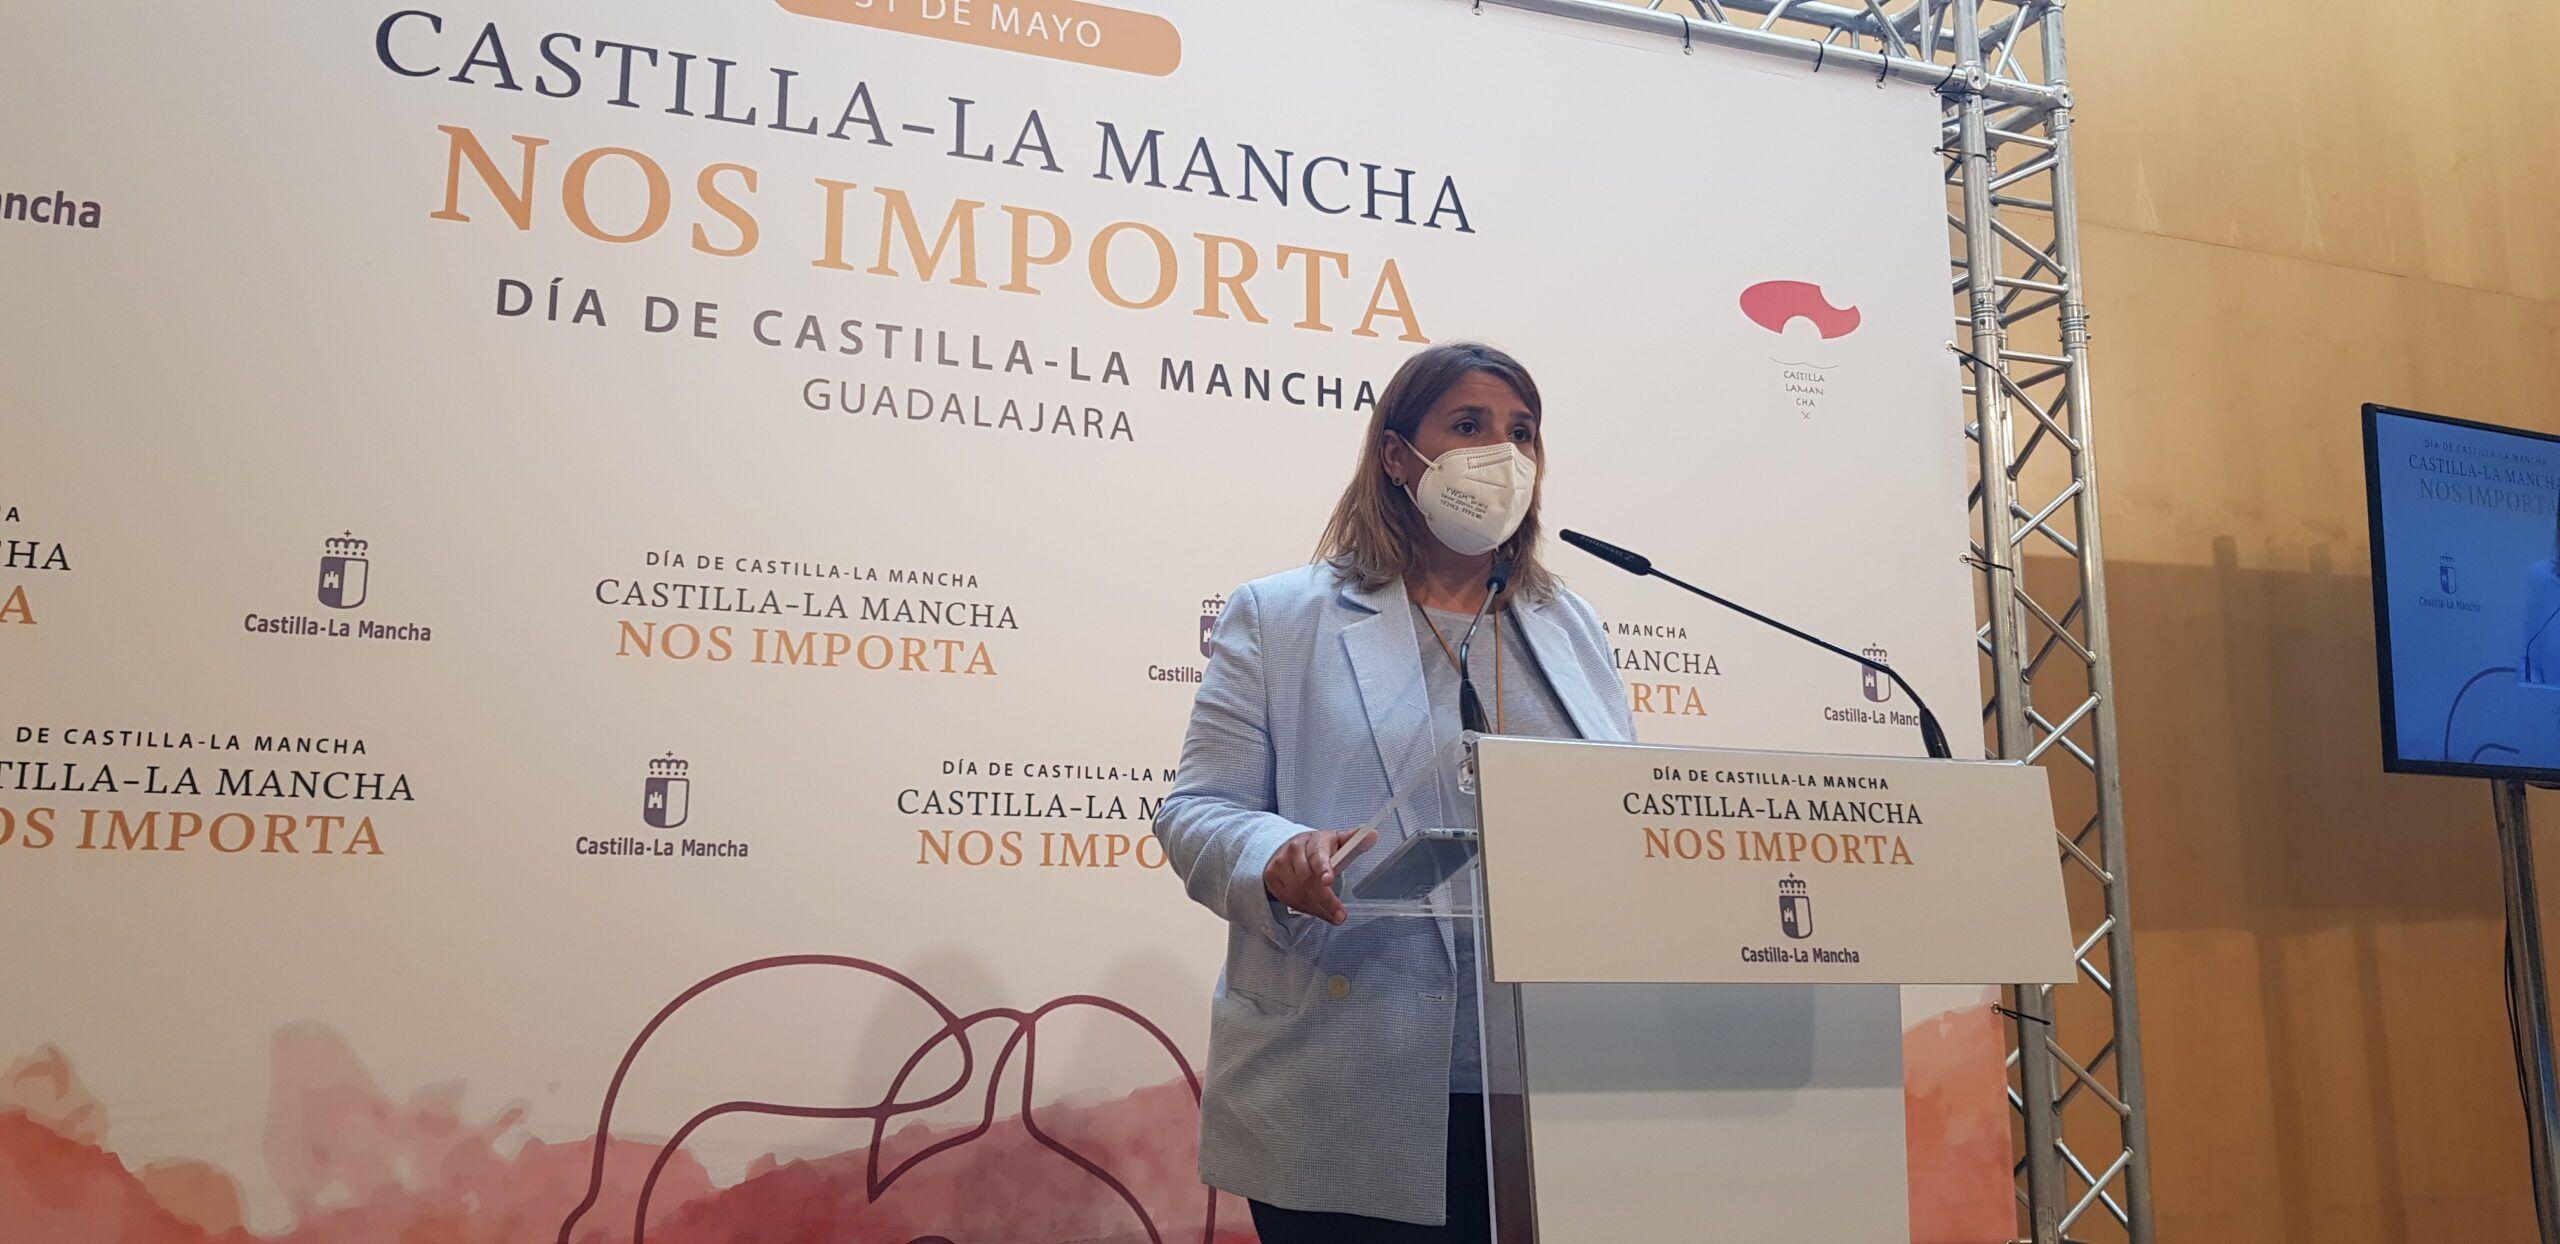 La presidenta de la FEMP-CLM reivindica el municipalismo y el papel de alcaldes y alcaldesas de Castilla-La Mancha en la lucha contra la pandemia